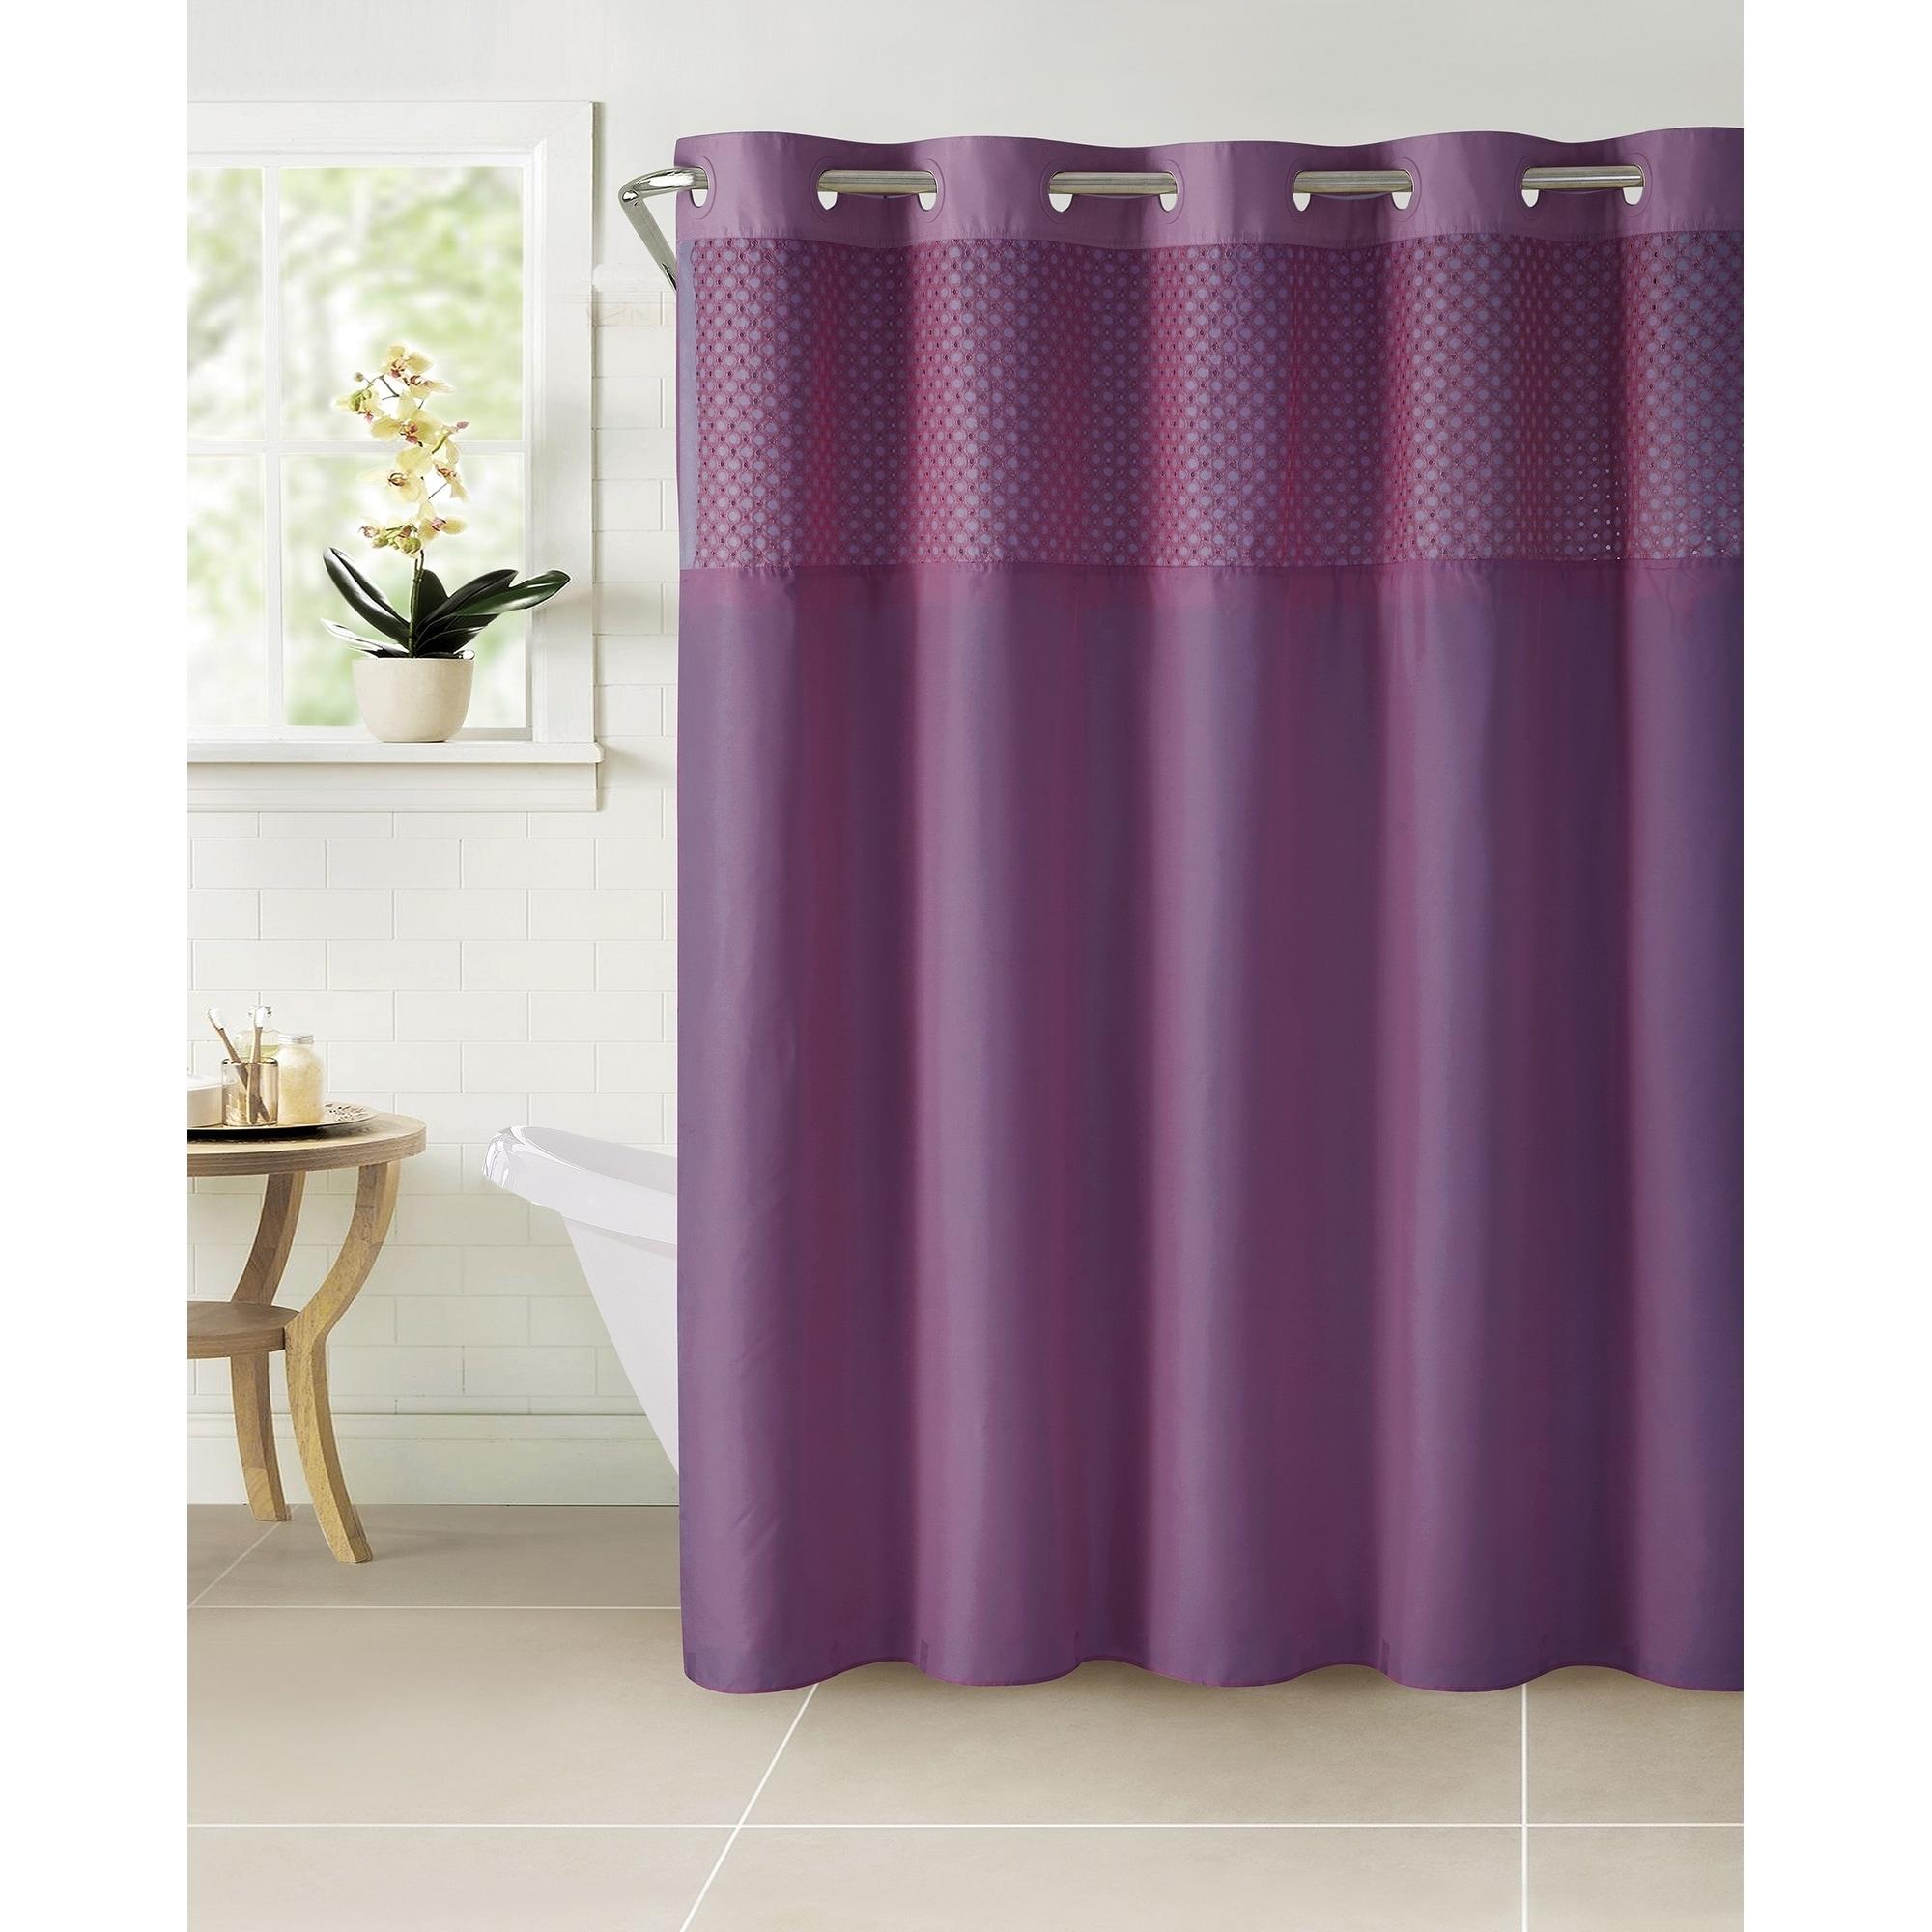 Shop HooklessR Shower Curtain Bahama Eyelet Eggplant